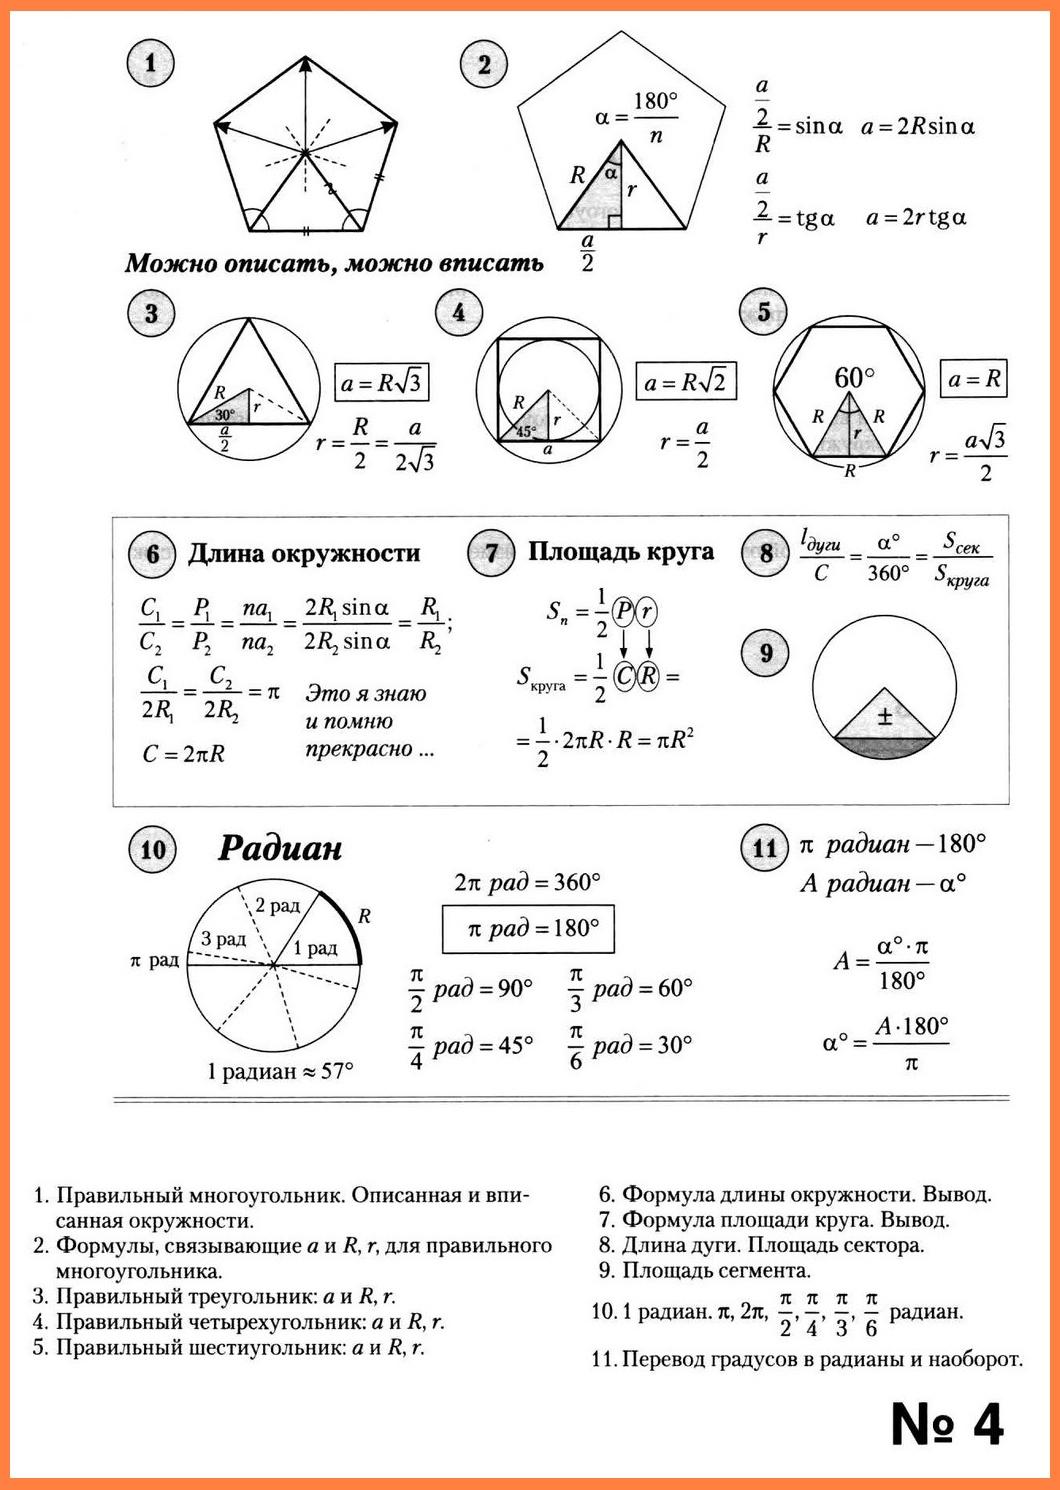 Правильный многоугольник